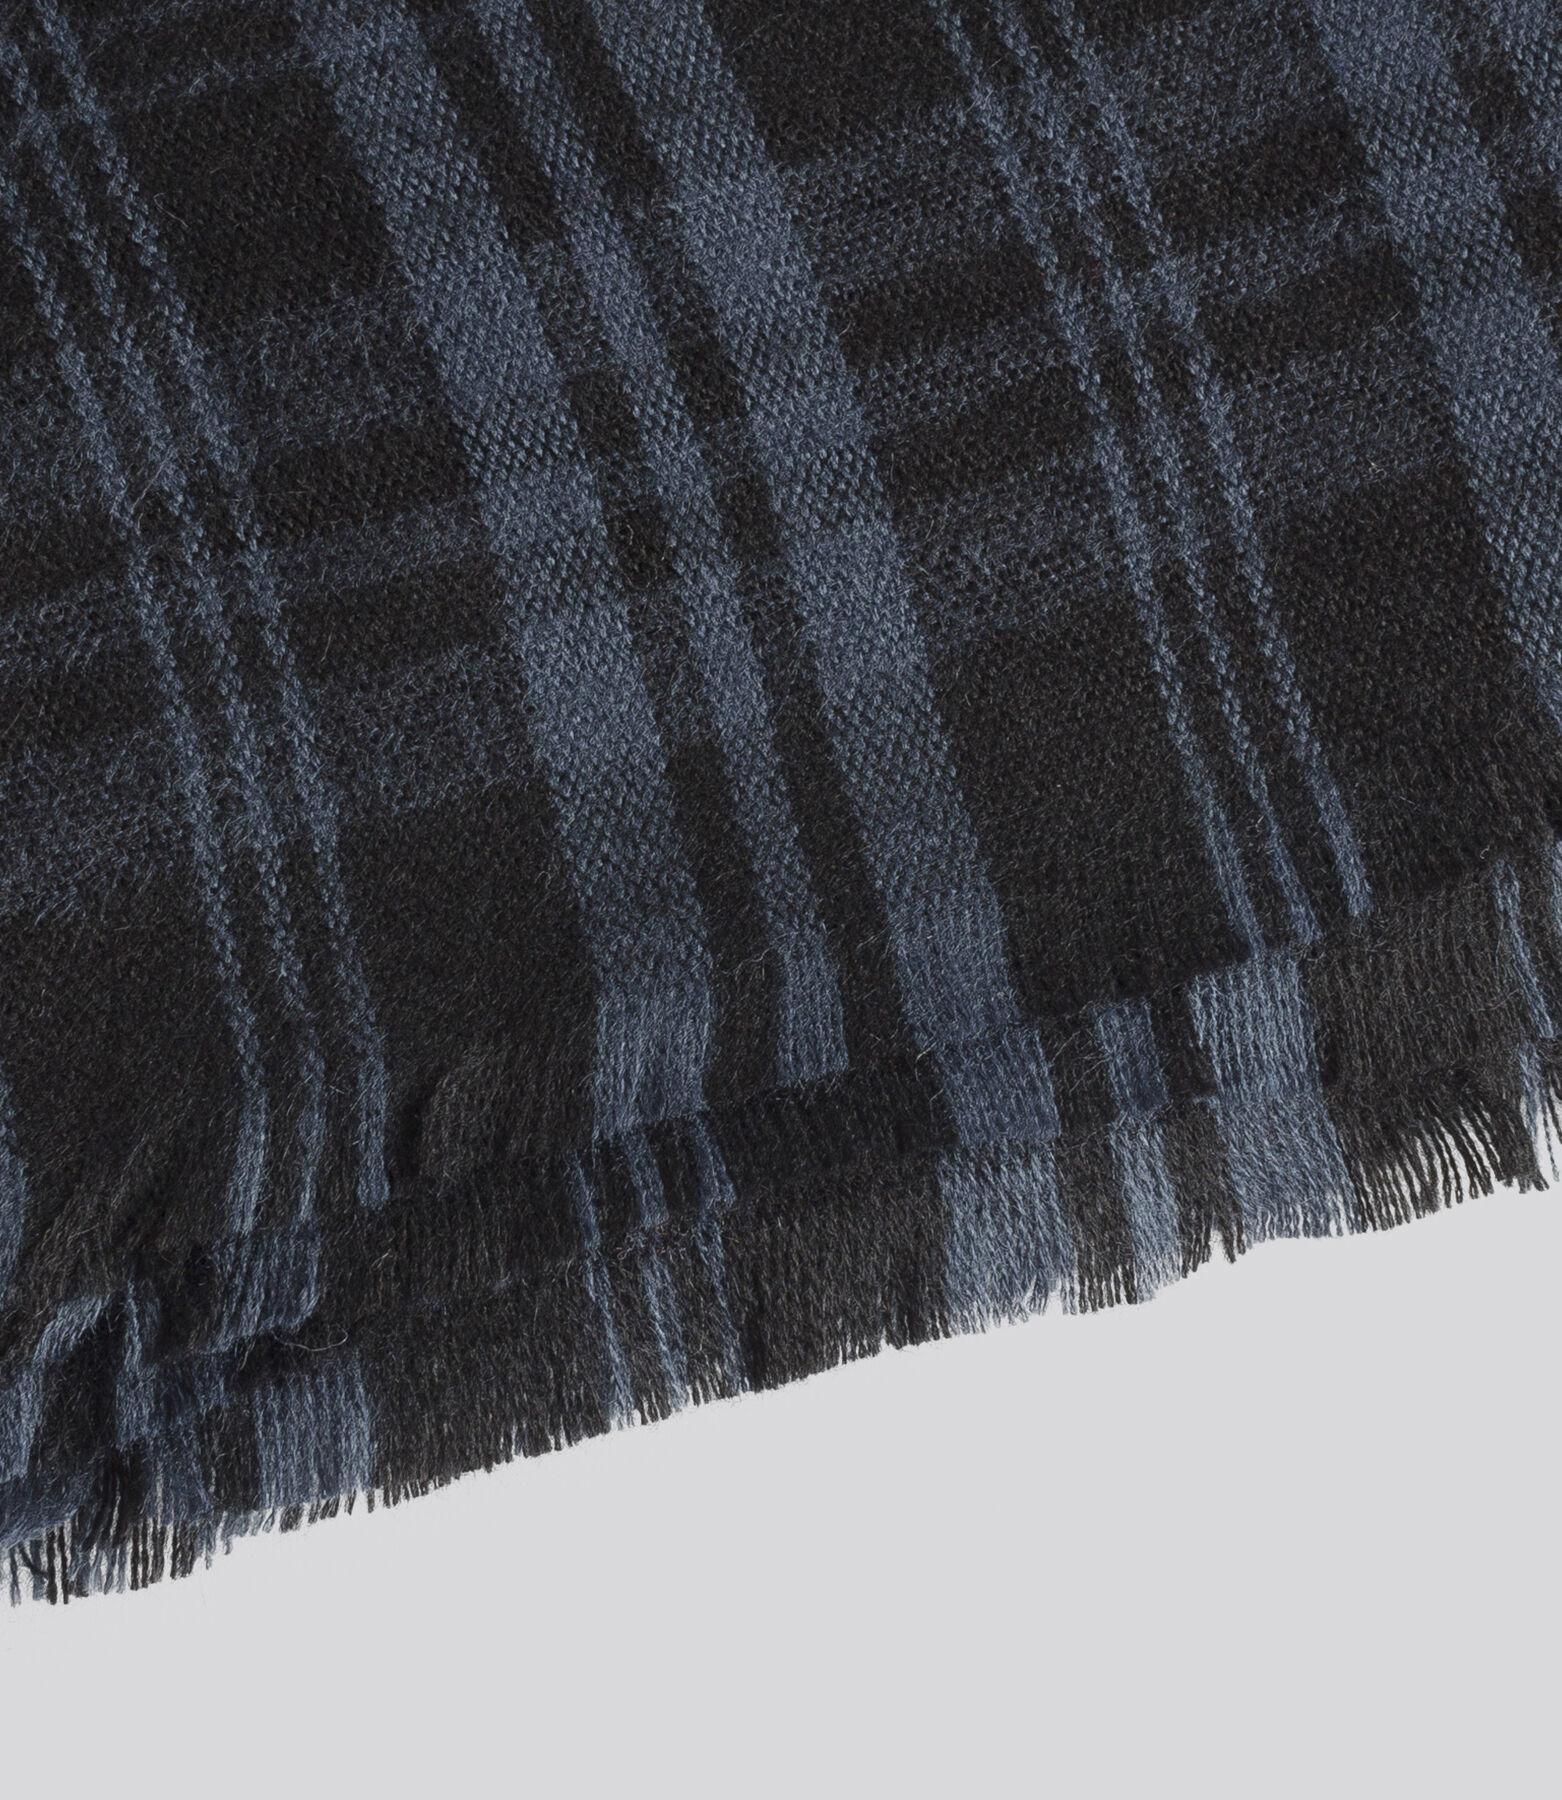 Chèche carreaux laineux décliné dans deux coloris.